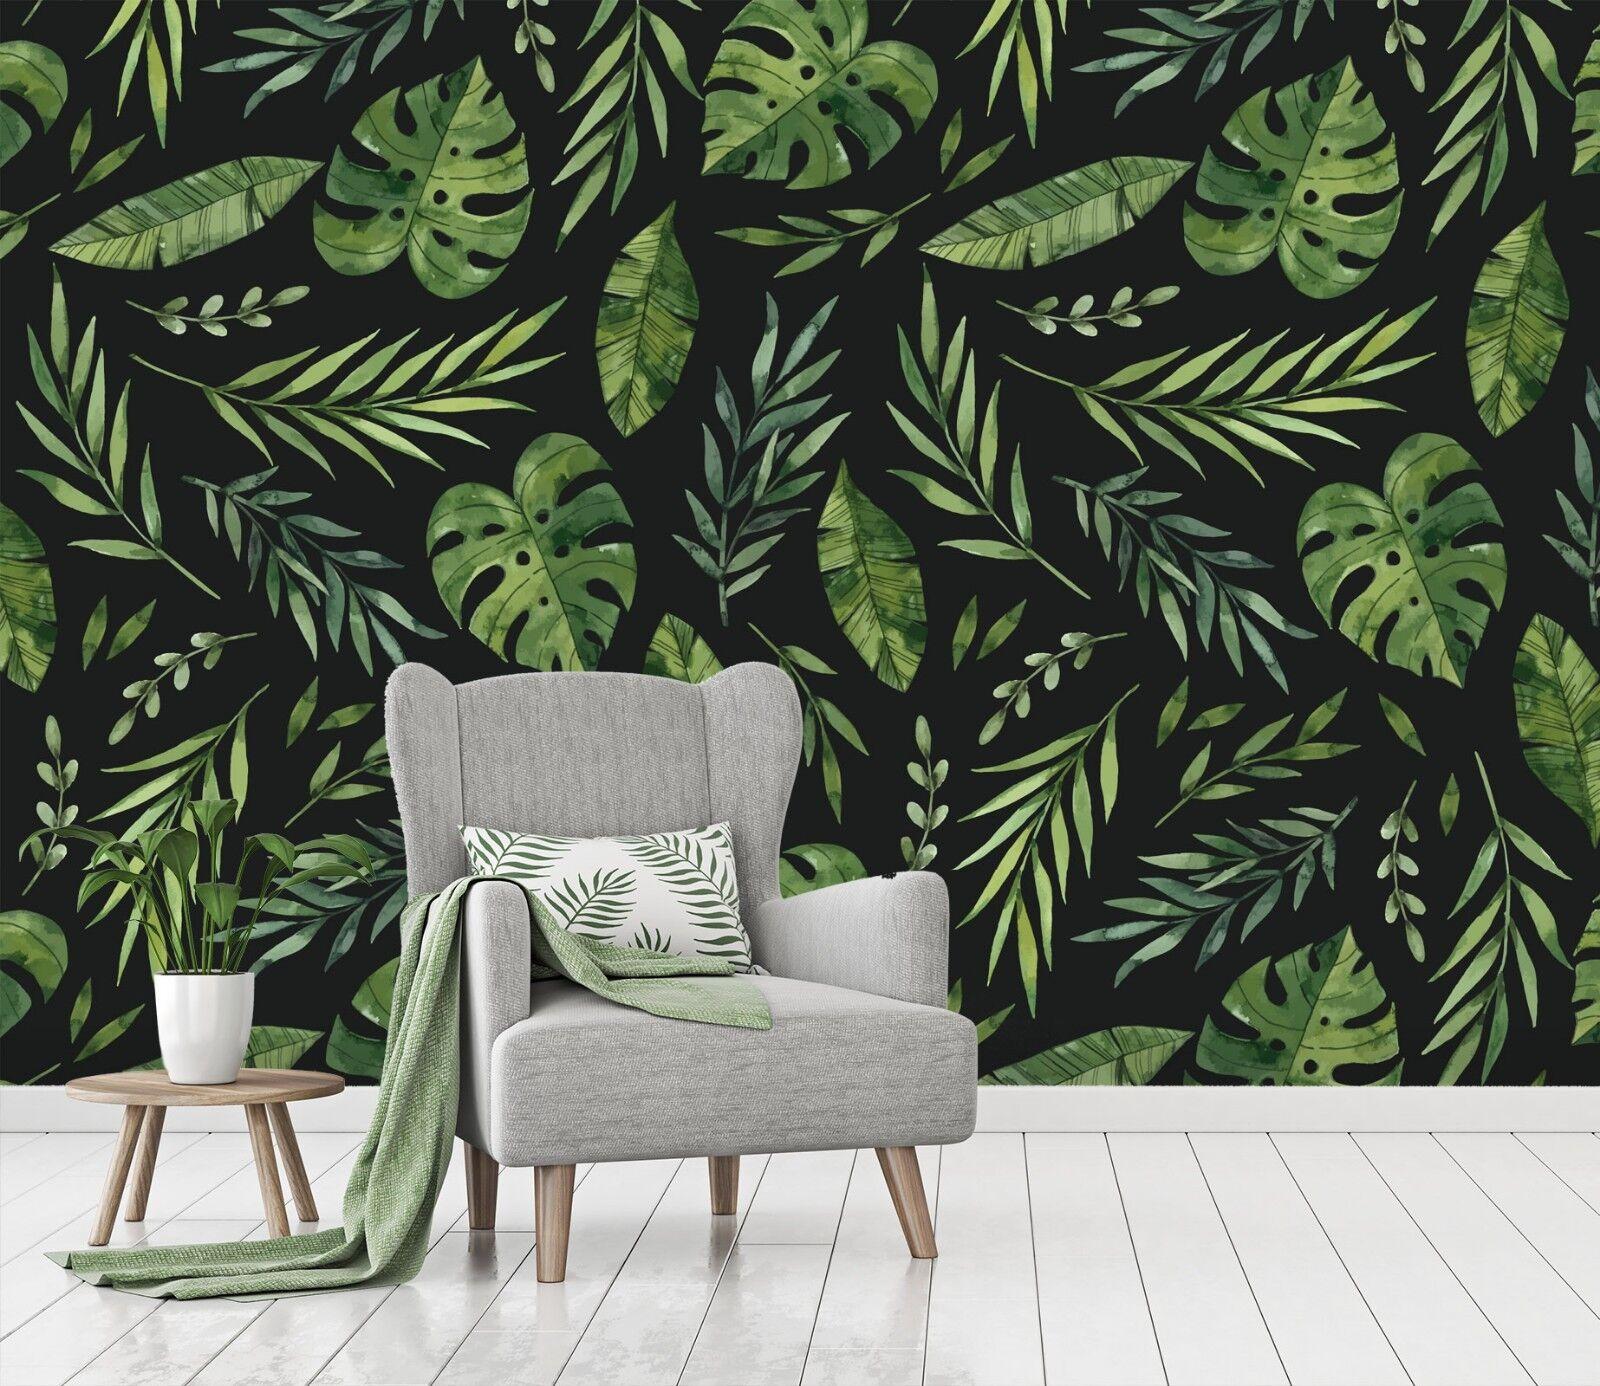 3D Grüne Blätter Malerei 12 Tapete Wandgemälde Tapete Tapeten Familie Kinde DE